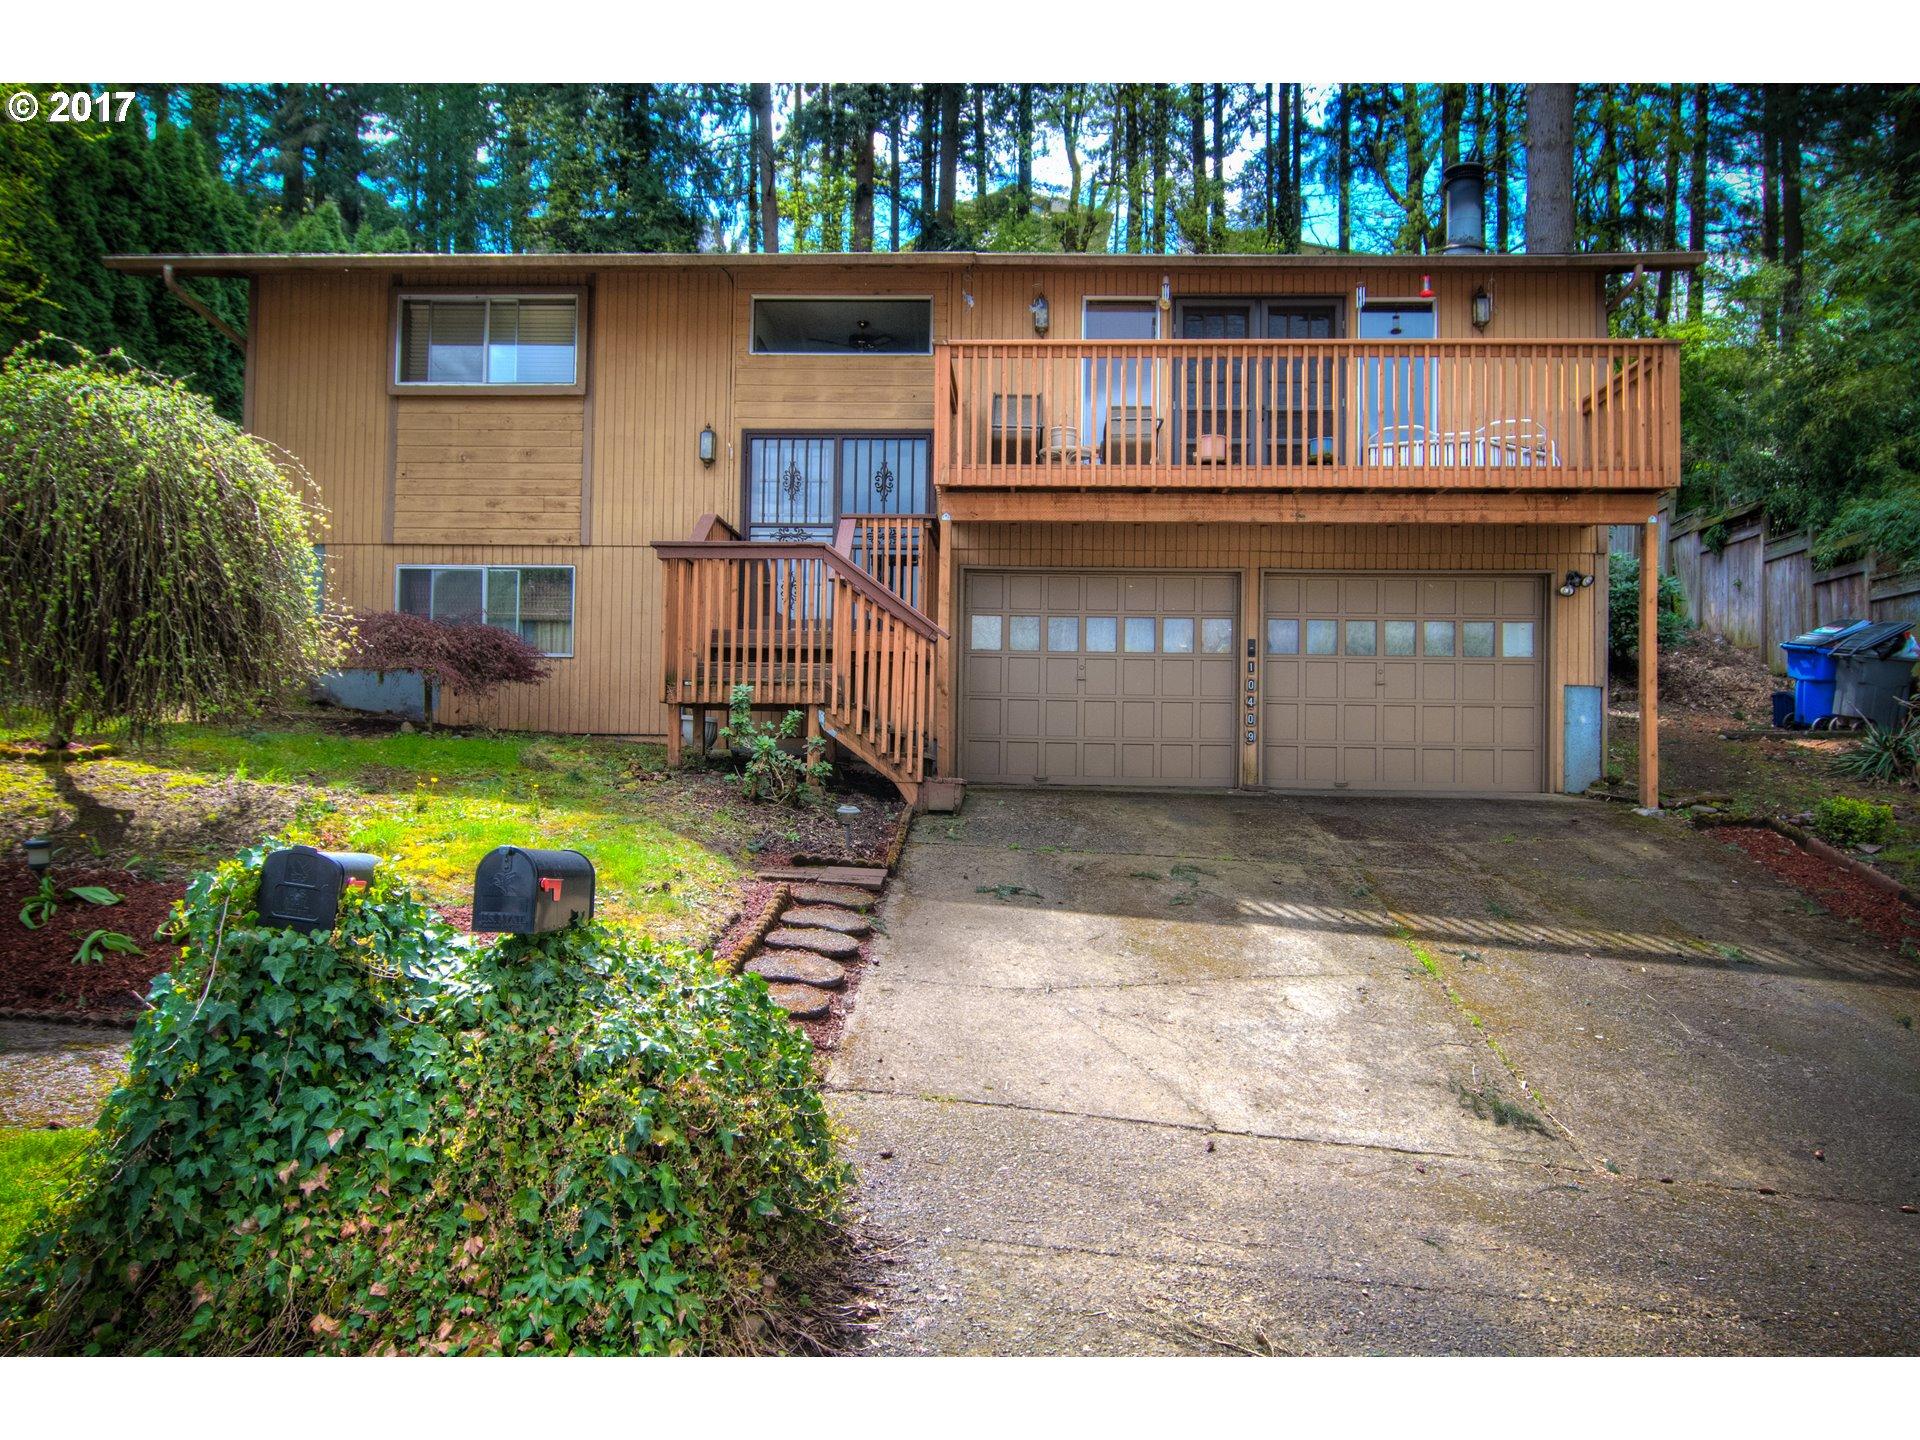 10409 NE 22ND ST, Vancouver, WA 98664